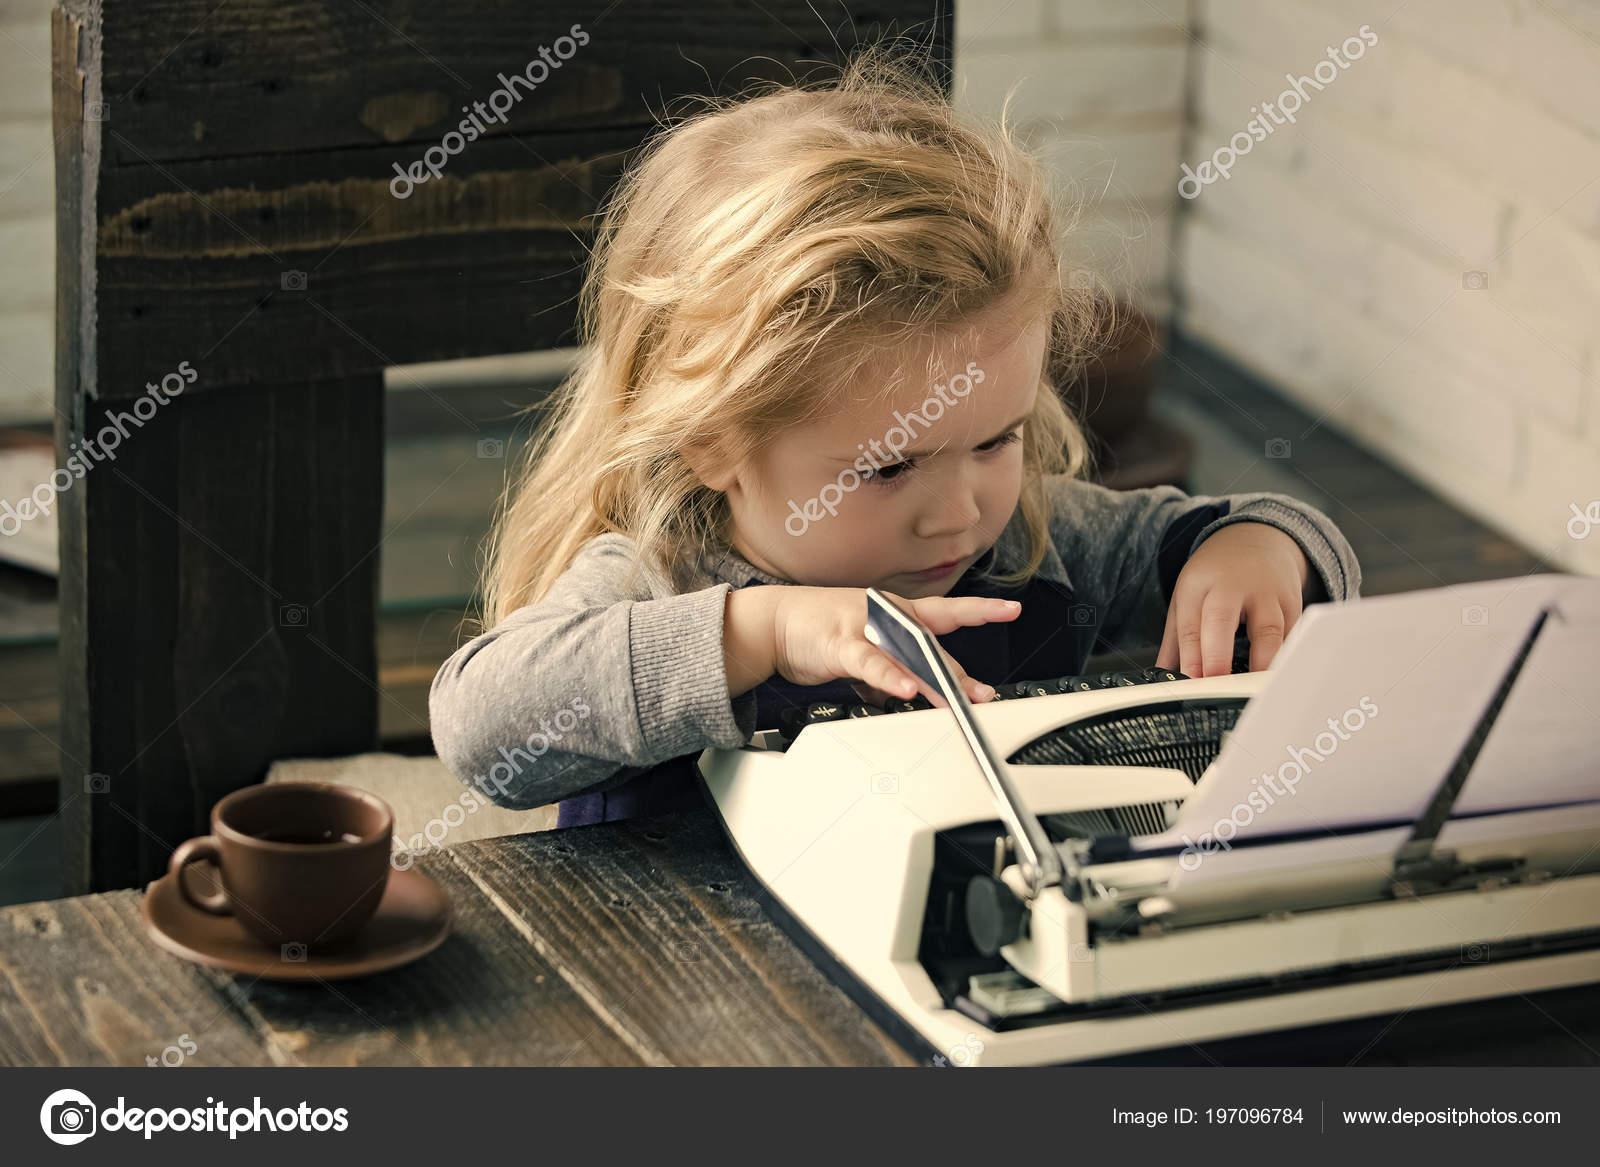 Lied mit schreibmaschine im hintergrund